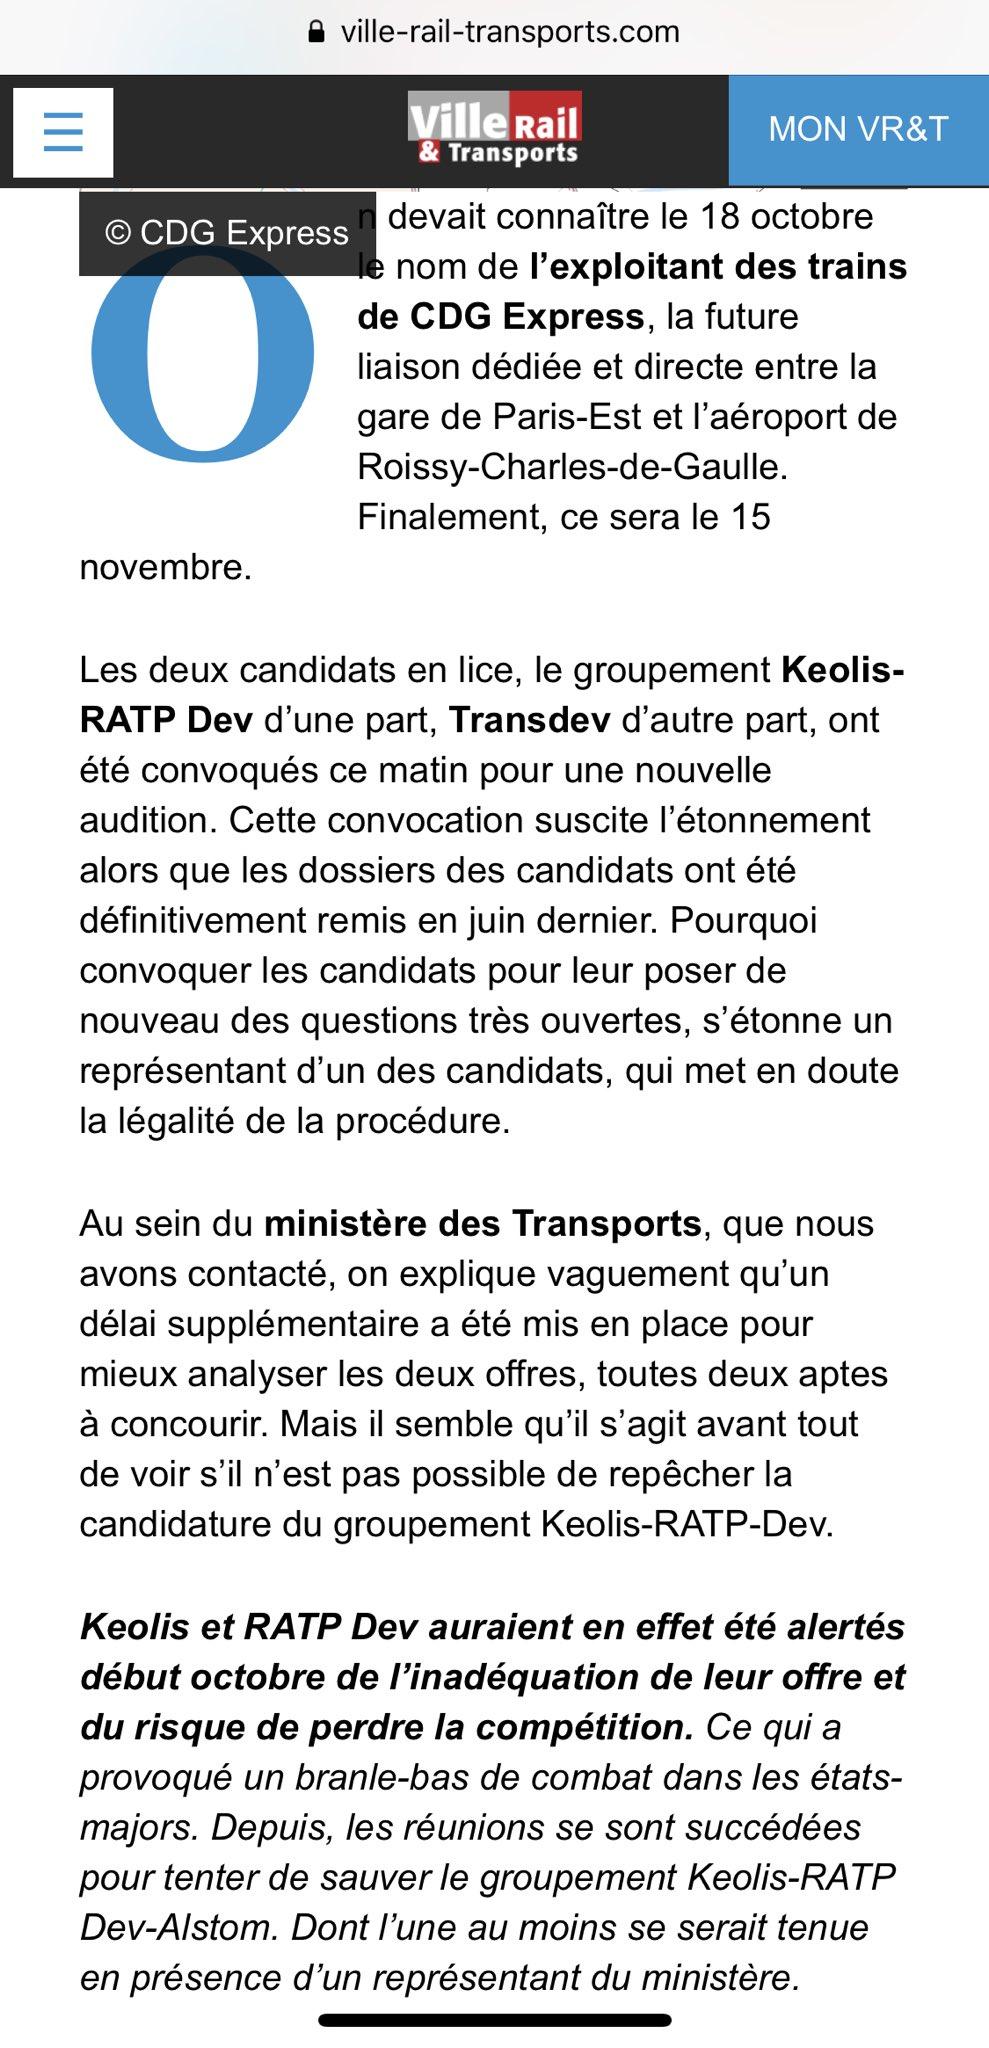 Saga CDG Express, acte 8. Conscients du lourd impact sur les RER, de nombreux cadres RATP SNCF n'ont aucune envie d'exploiter ce bousin. Mais Alstom veut vendre ses trains et fait son chantage habituel. Donc l'Etat s'en mêle... Rassurez-vous, à la fin c'est l'usager qui trinquera https://t.co/FePFlrDbPn